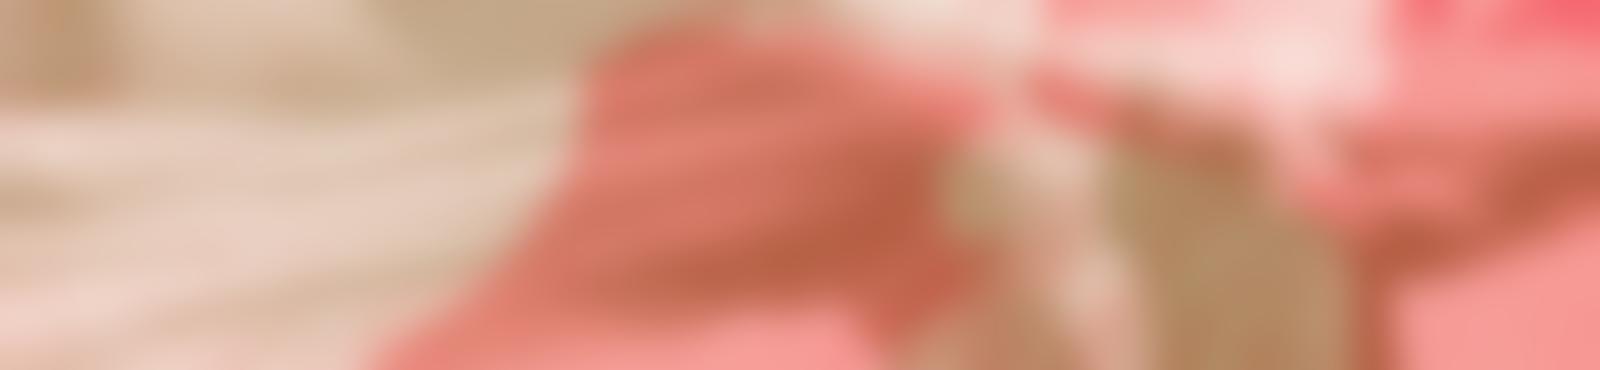 Blurred 5bb2f59a 4157 4828 a41a a6b66ecb68d2